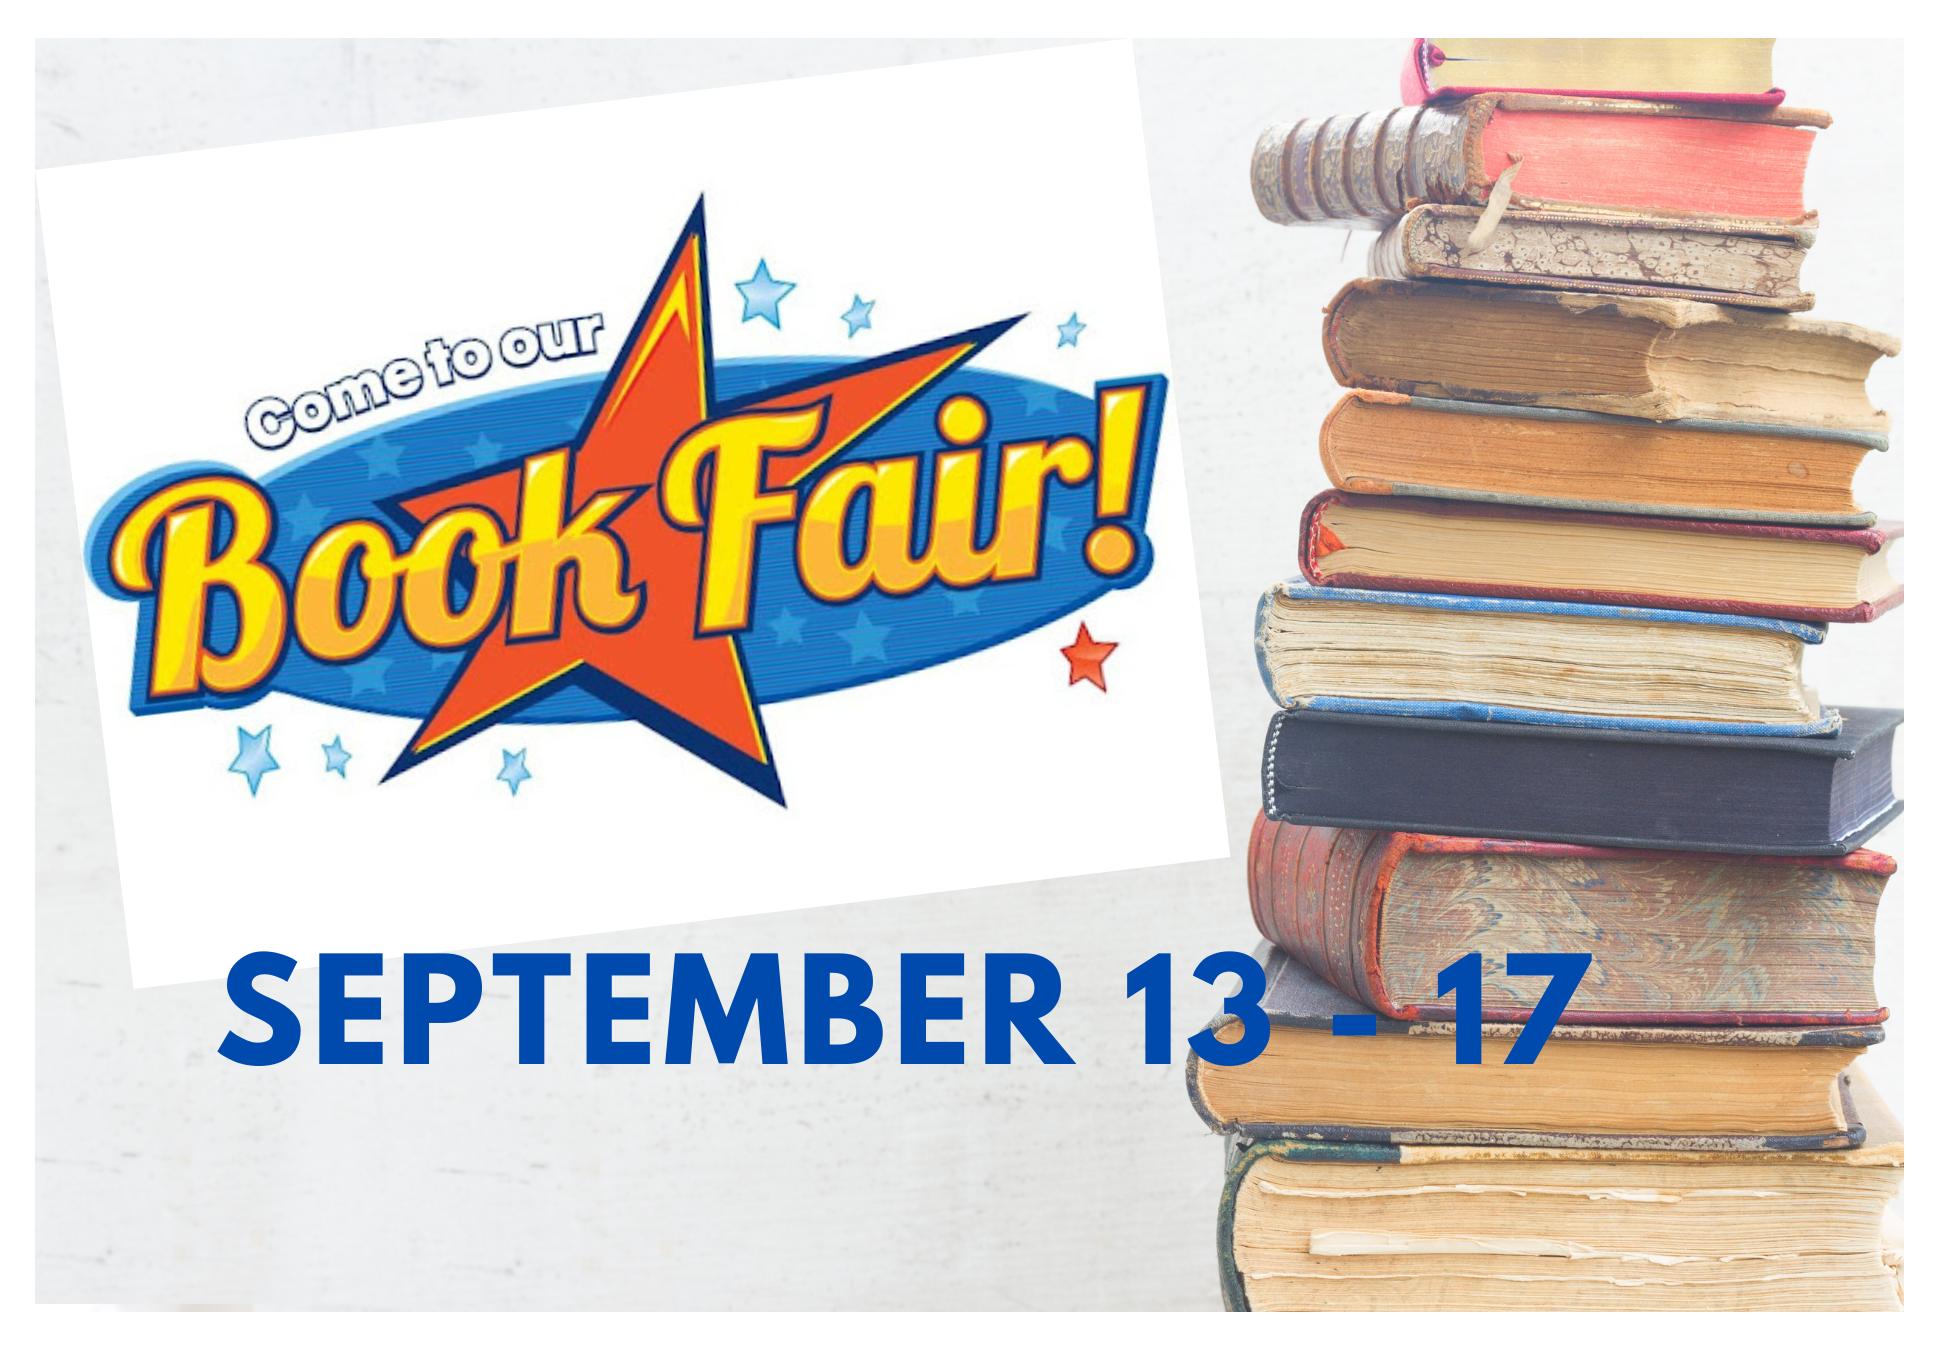 Book Fair Flyer - September 13-17